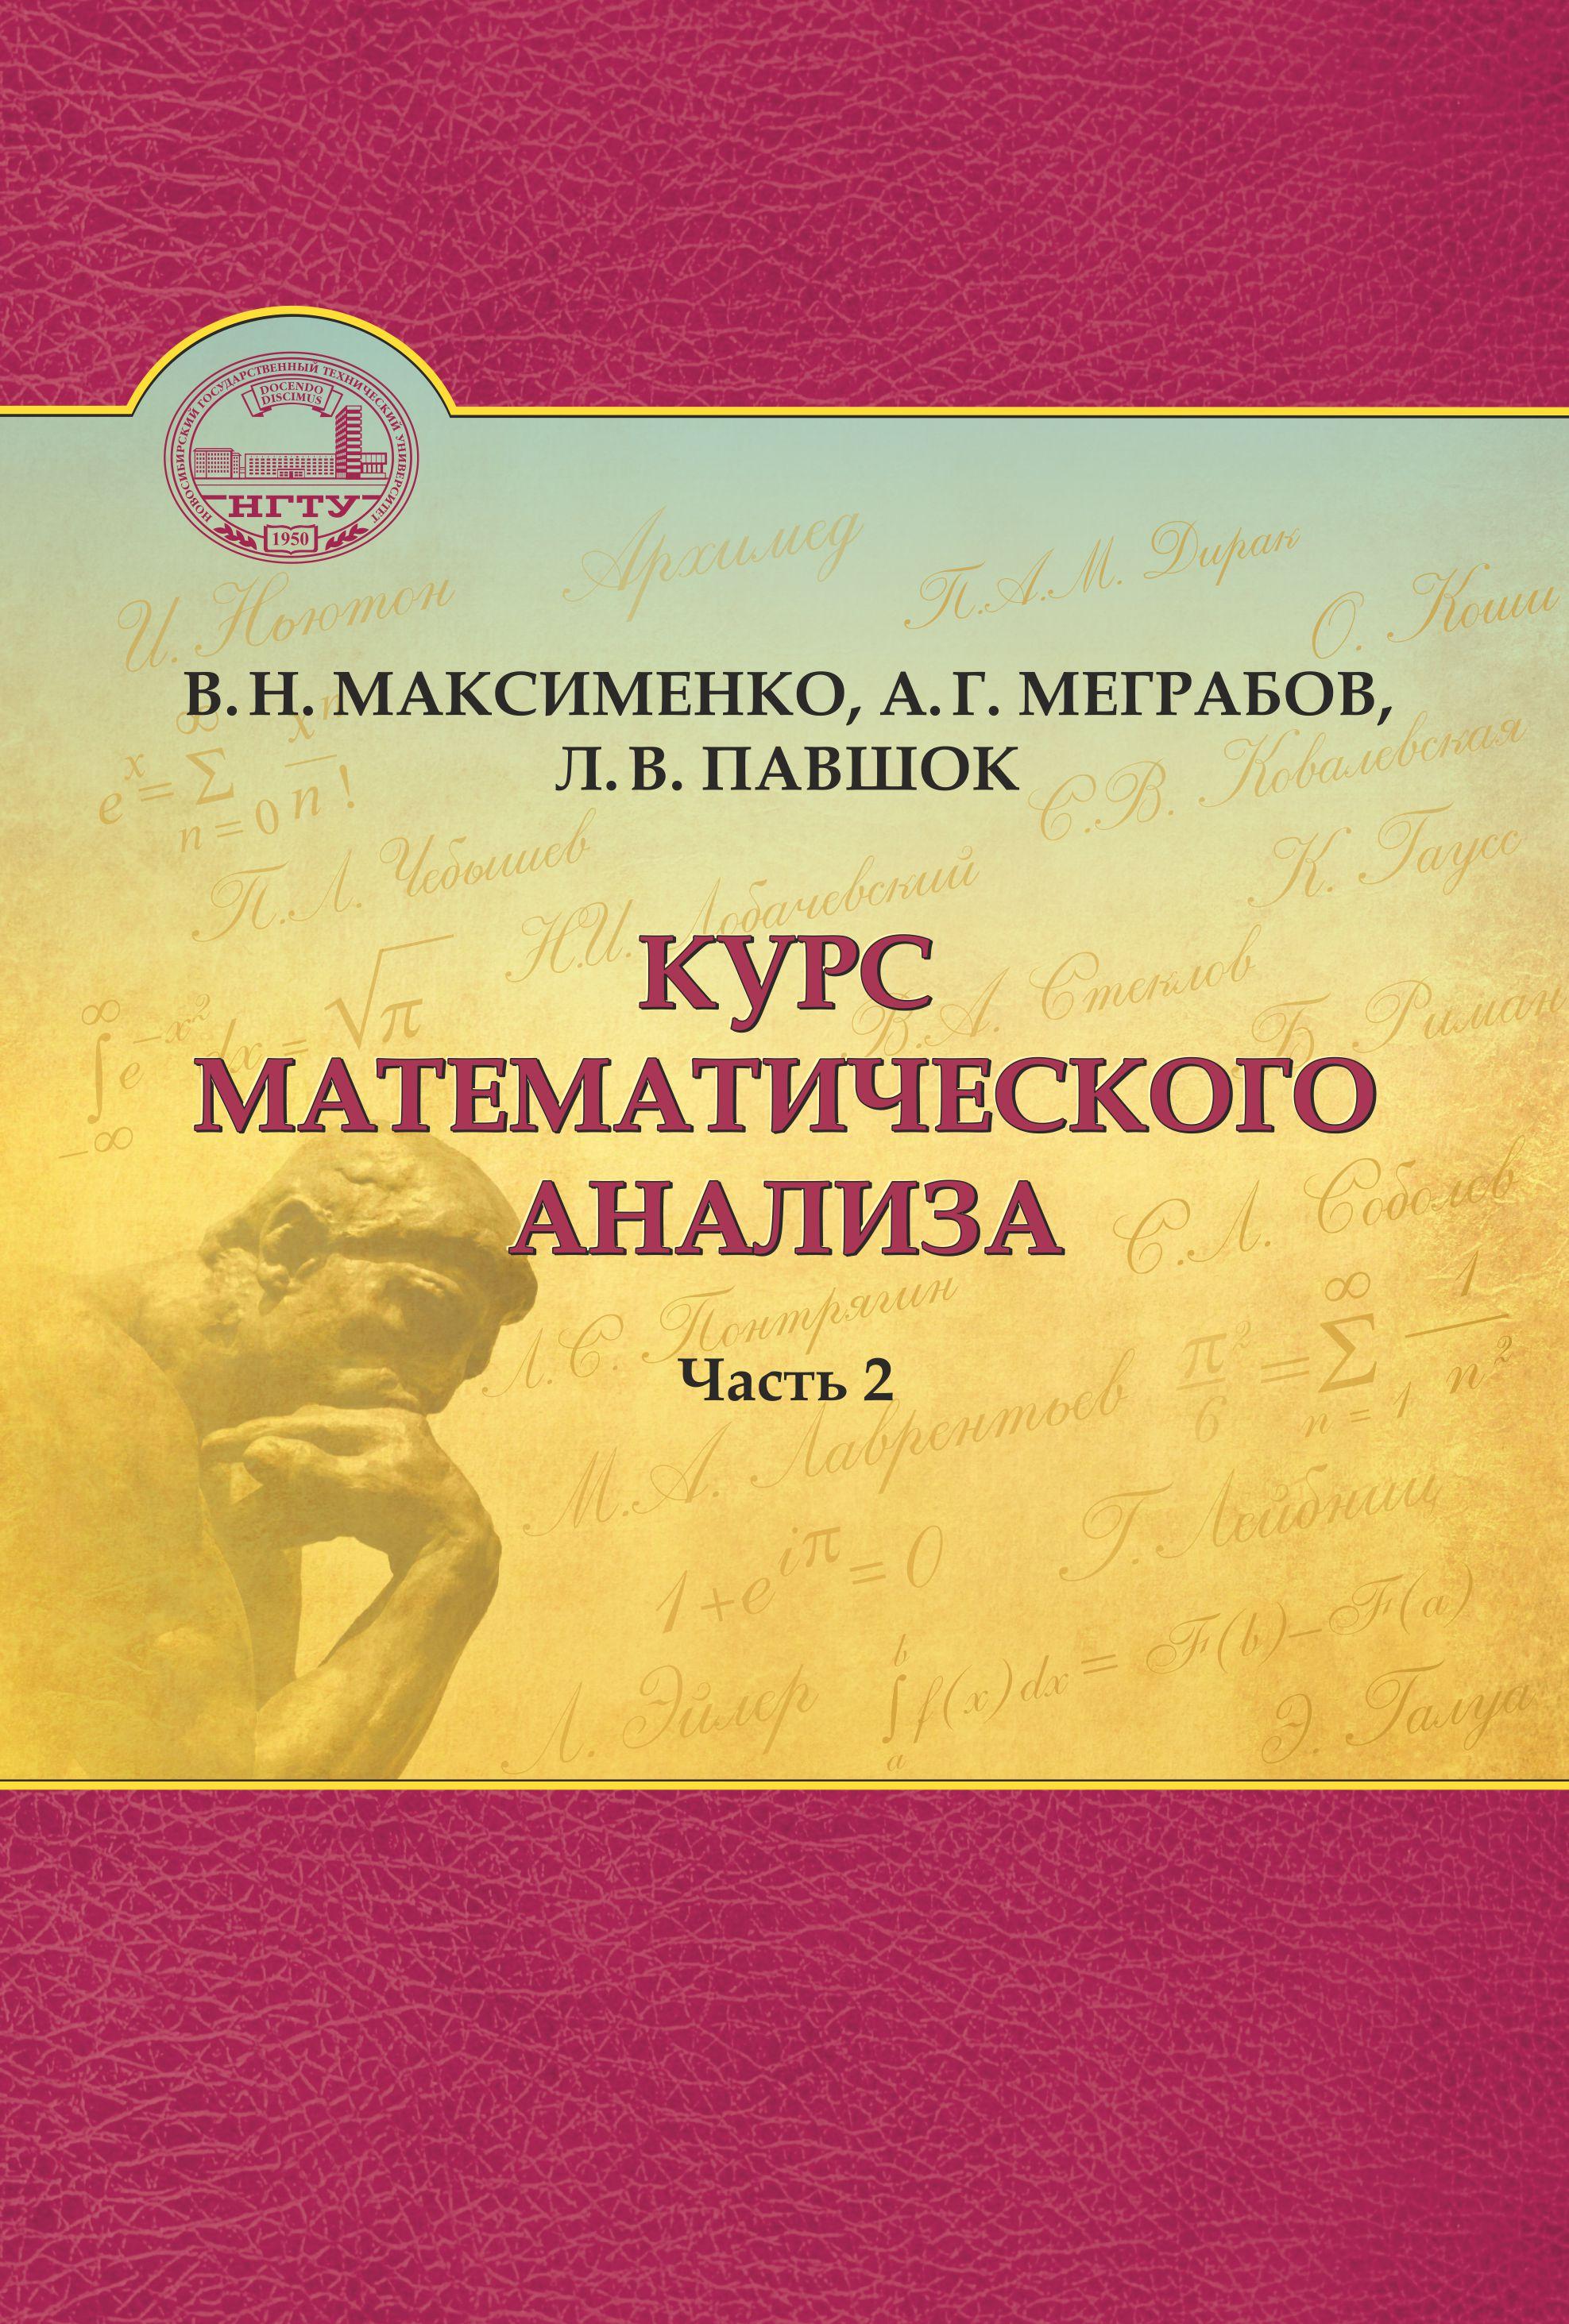 Вениамин Максименко Курс математического анализа. Часть 2 вениамин максименко курс математического анализа часть 1